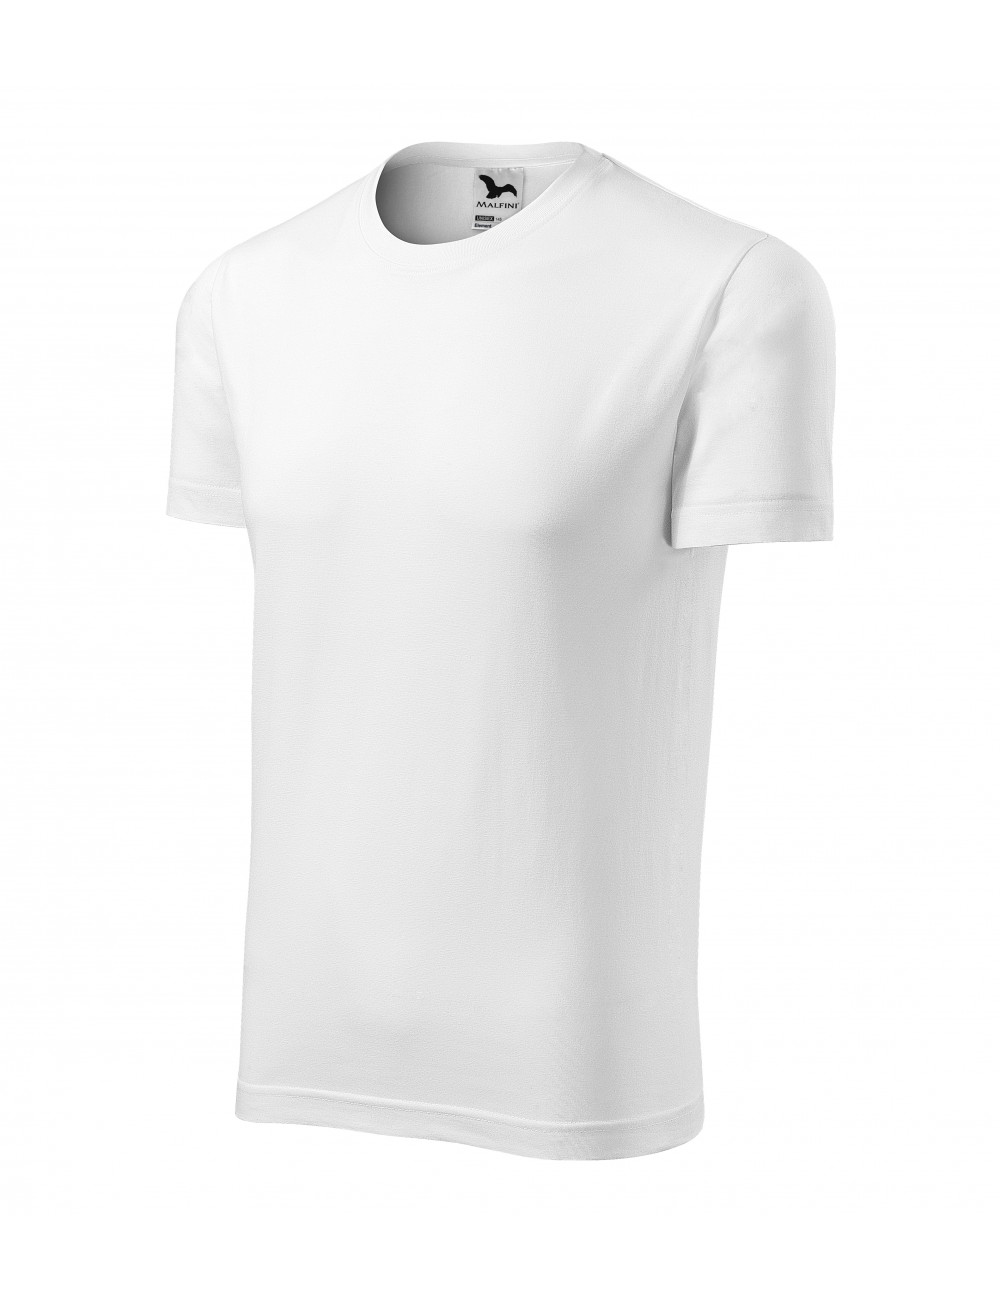 Adler MALFINI Koszulka unisex Element 145 biały